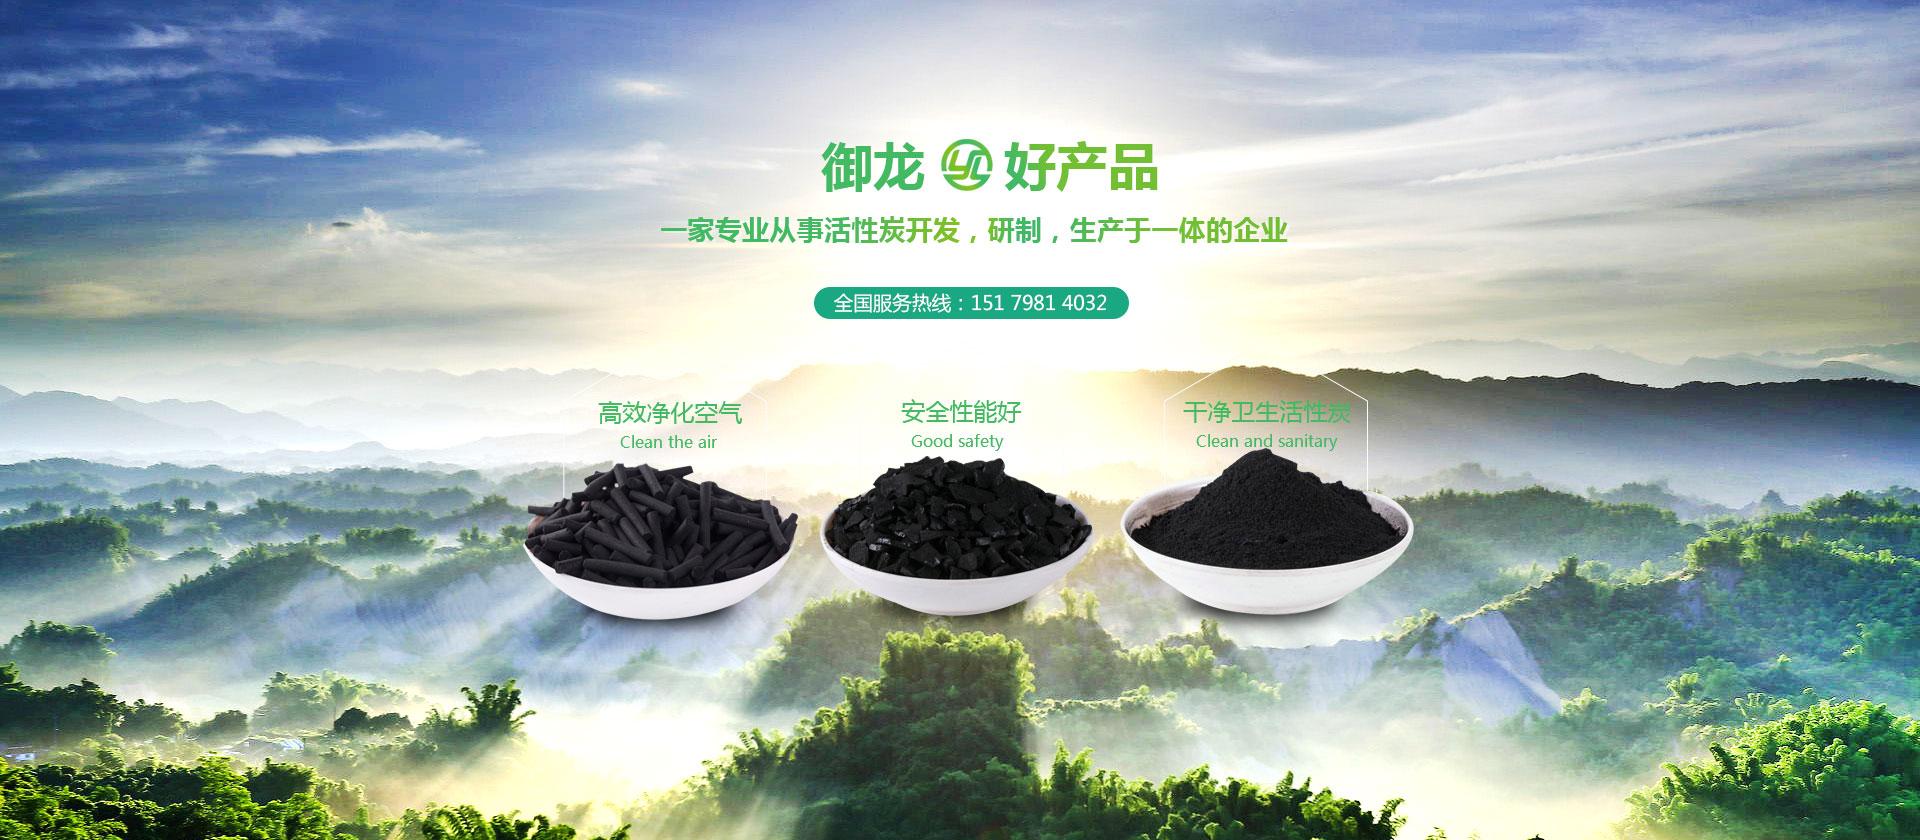 景德镇蜂窝活性炭